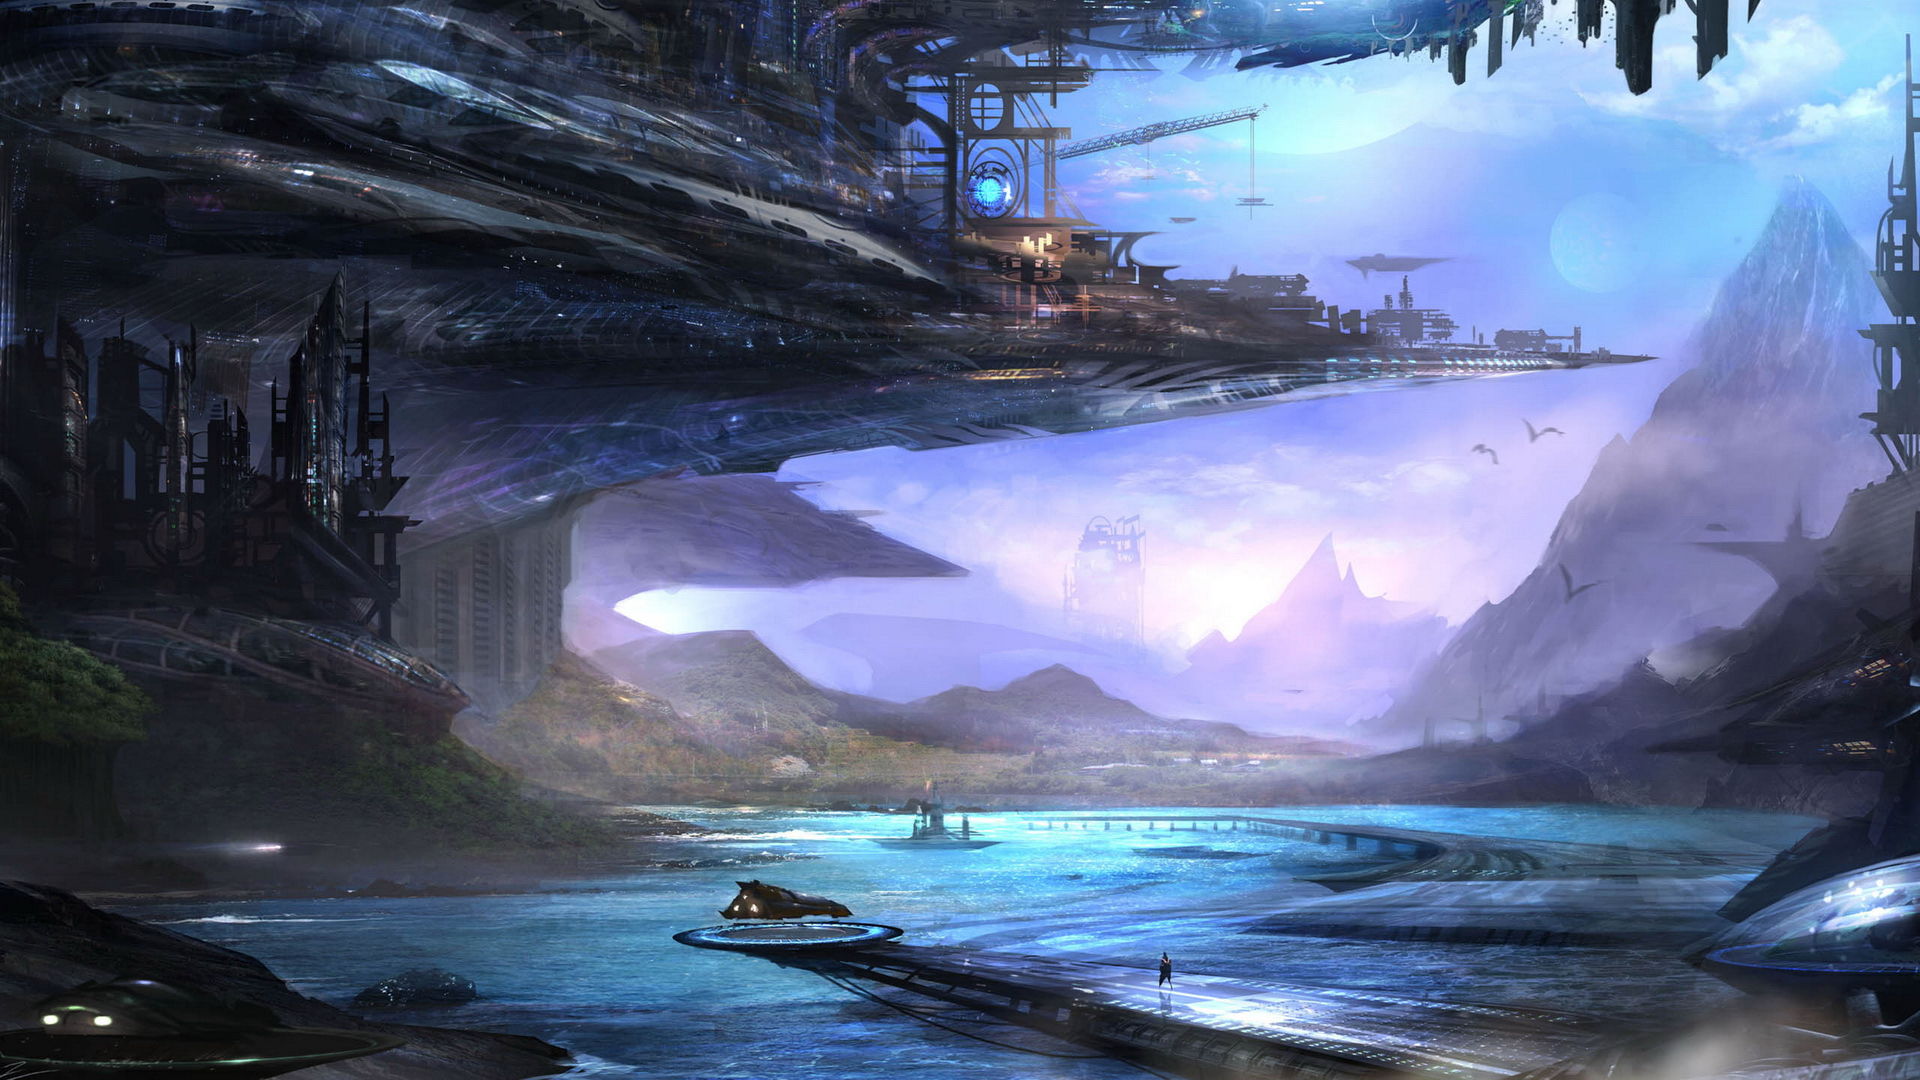 обои пейзажи фантастика на рабочий стол № 54950  скачать